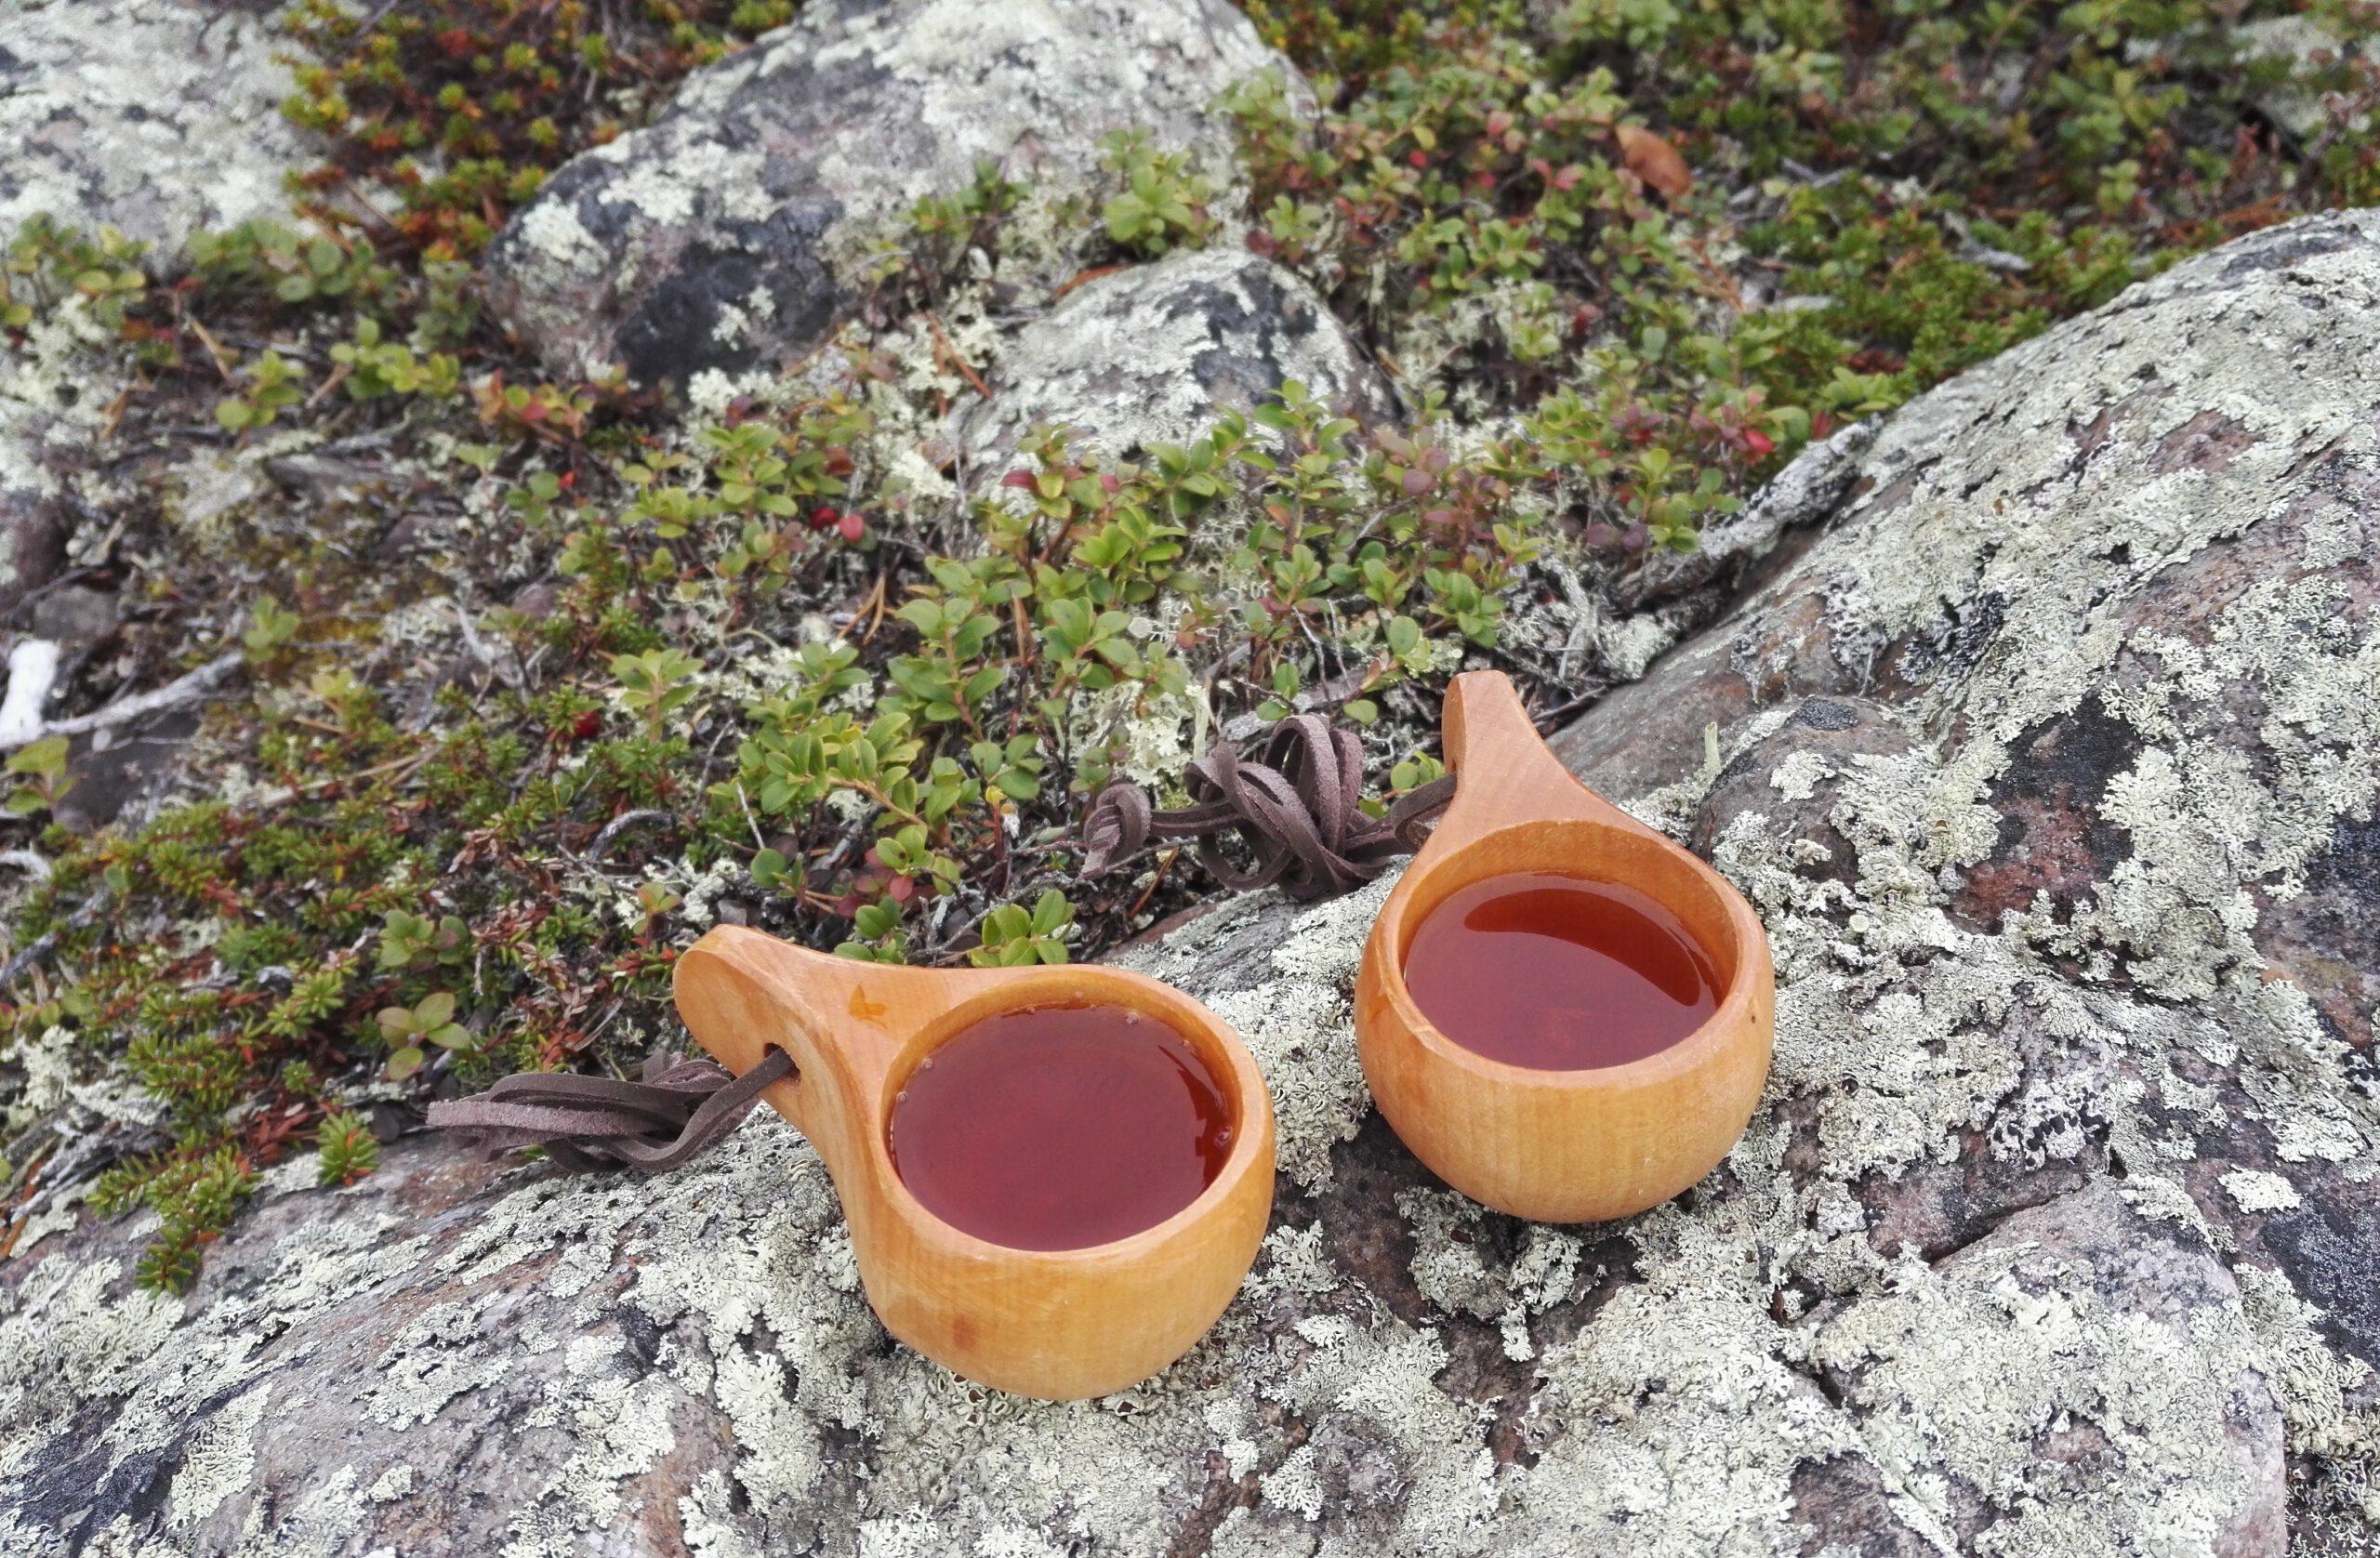 pienet juomat puisissa kuksisa eli näkäräiset